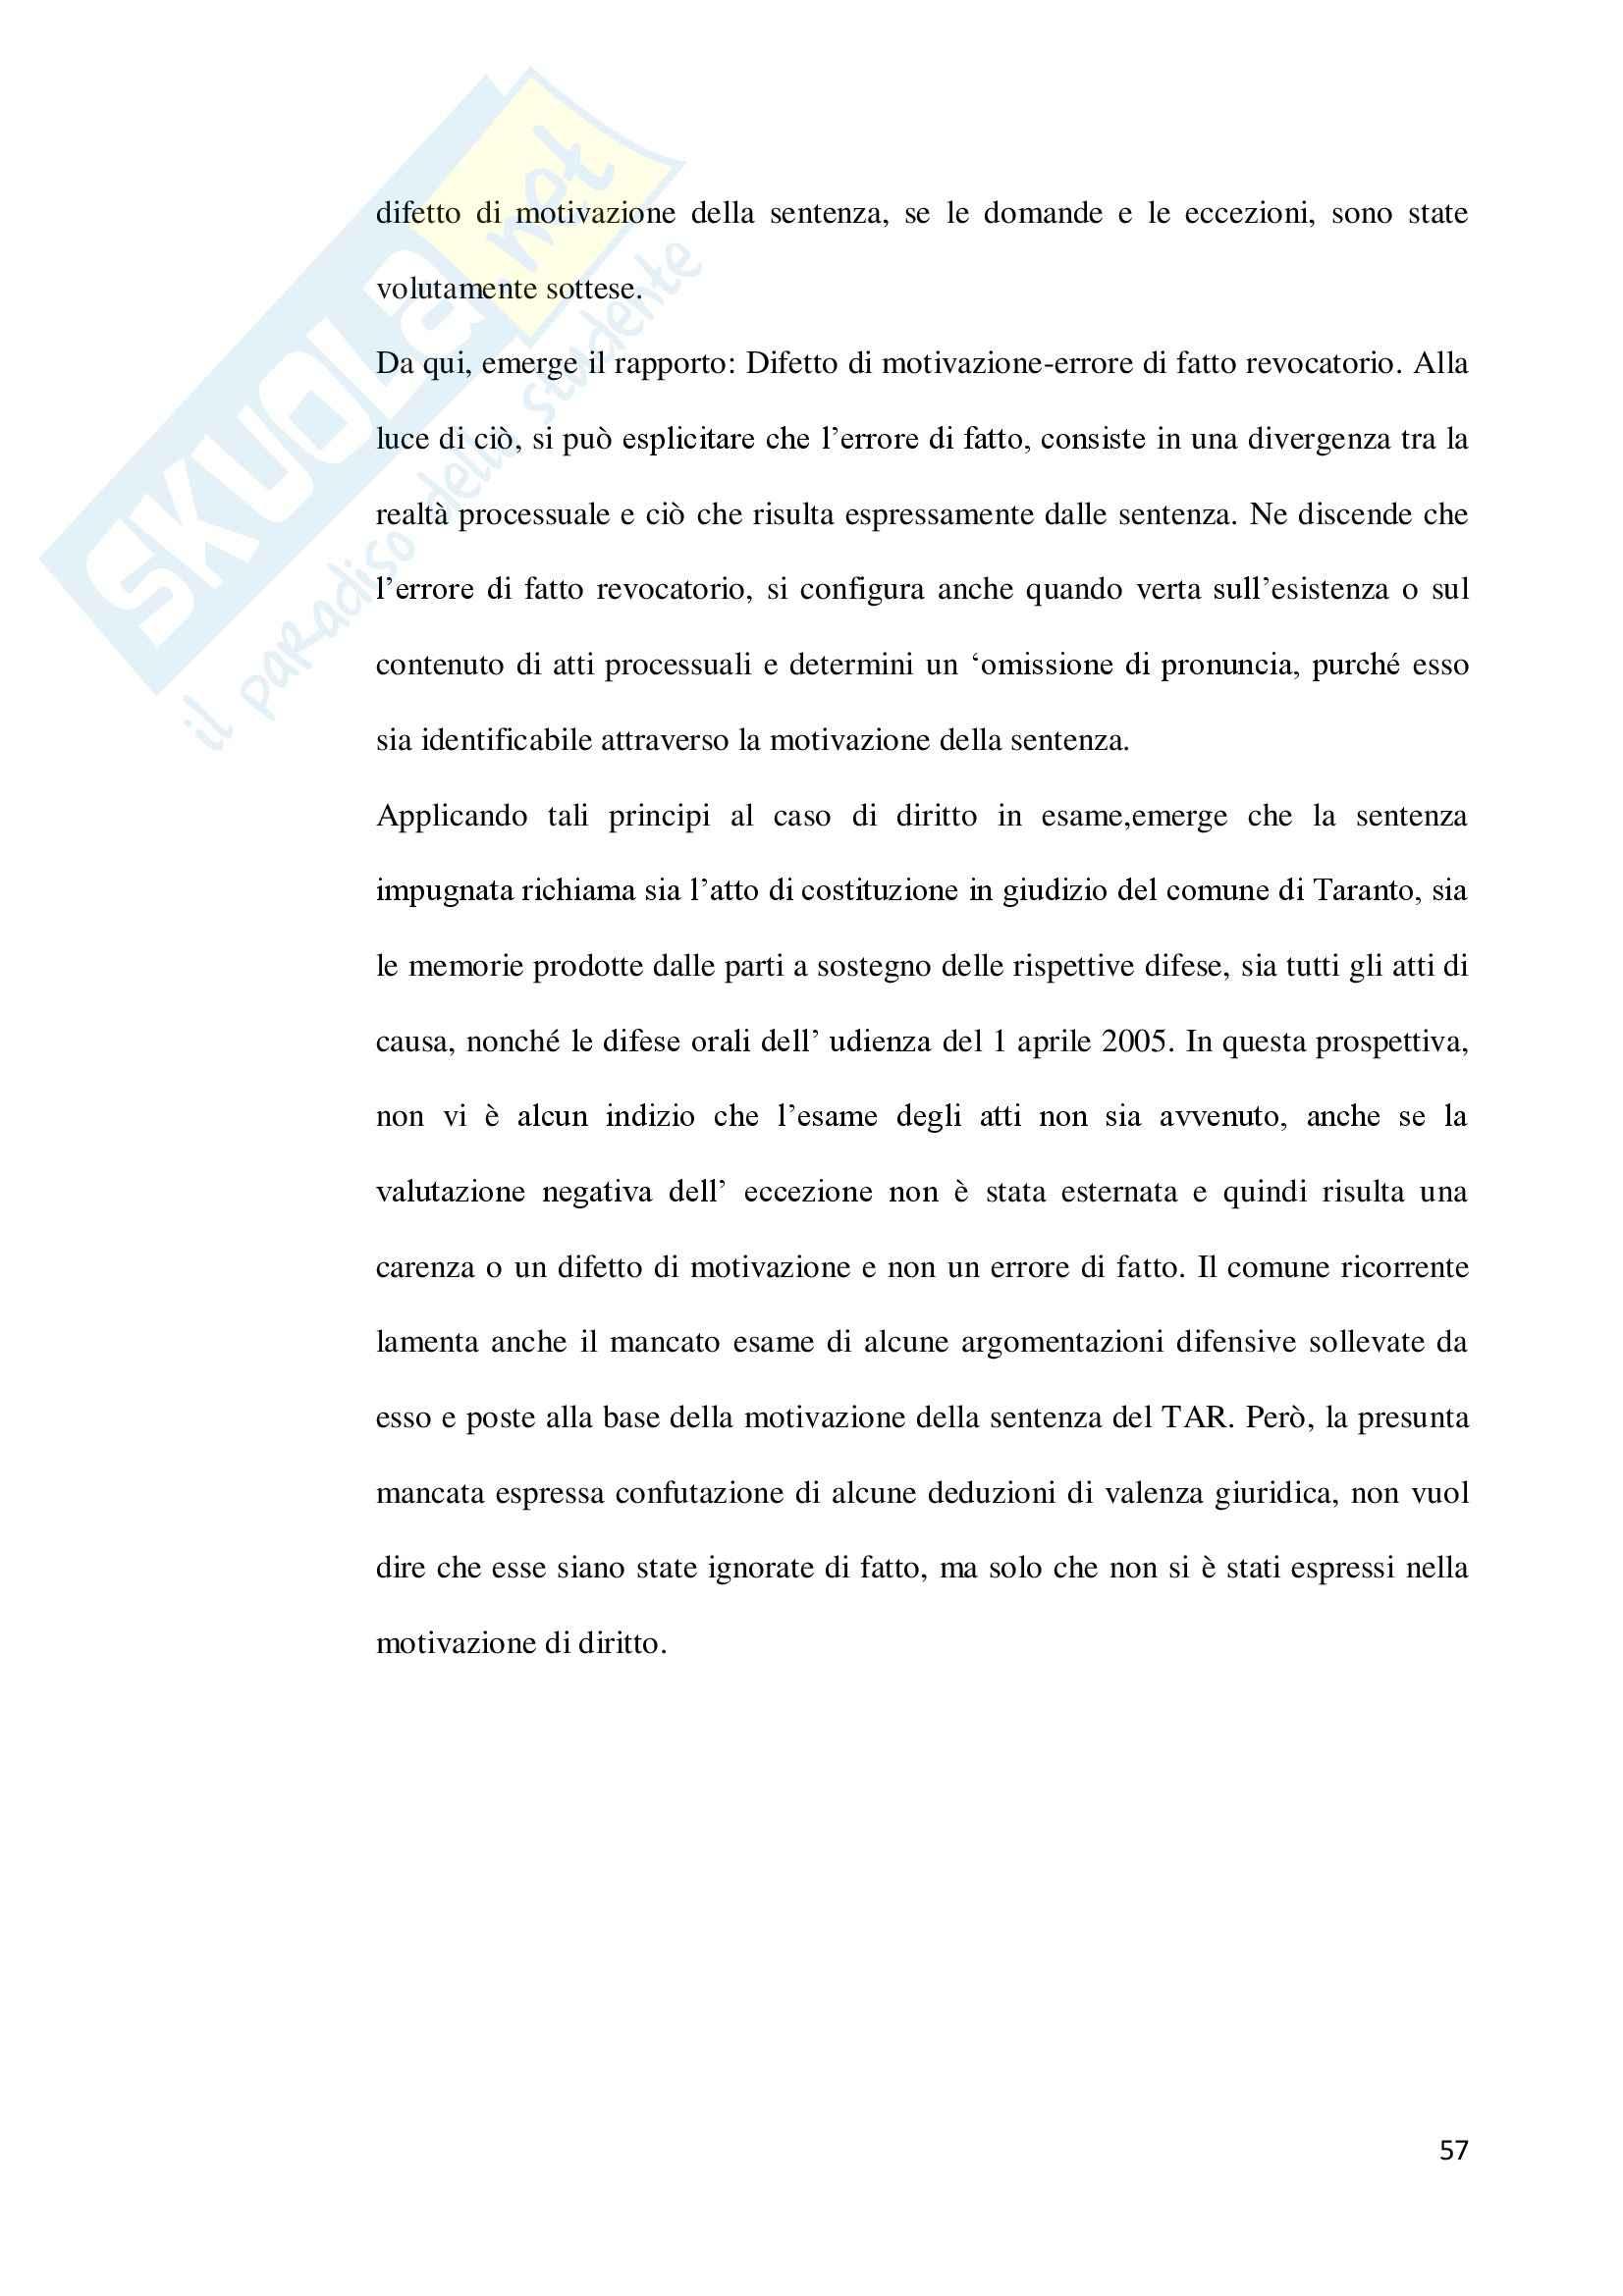 Revocazione per errore di fatto ricadente sugli atti processuali - Capitolo III Pag. 6